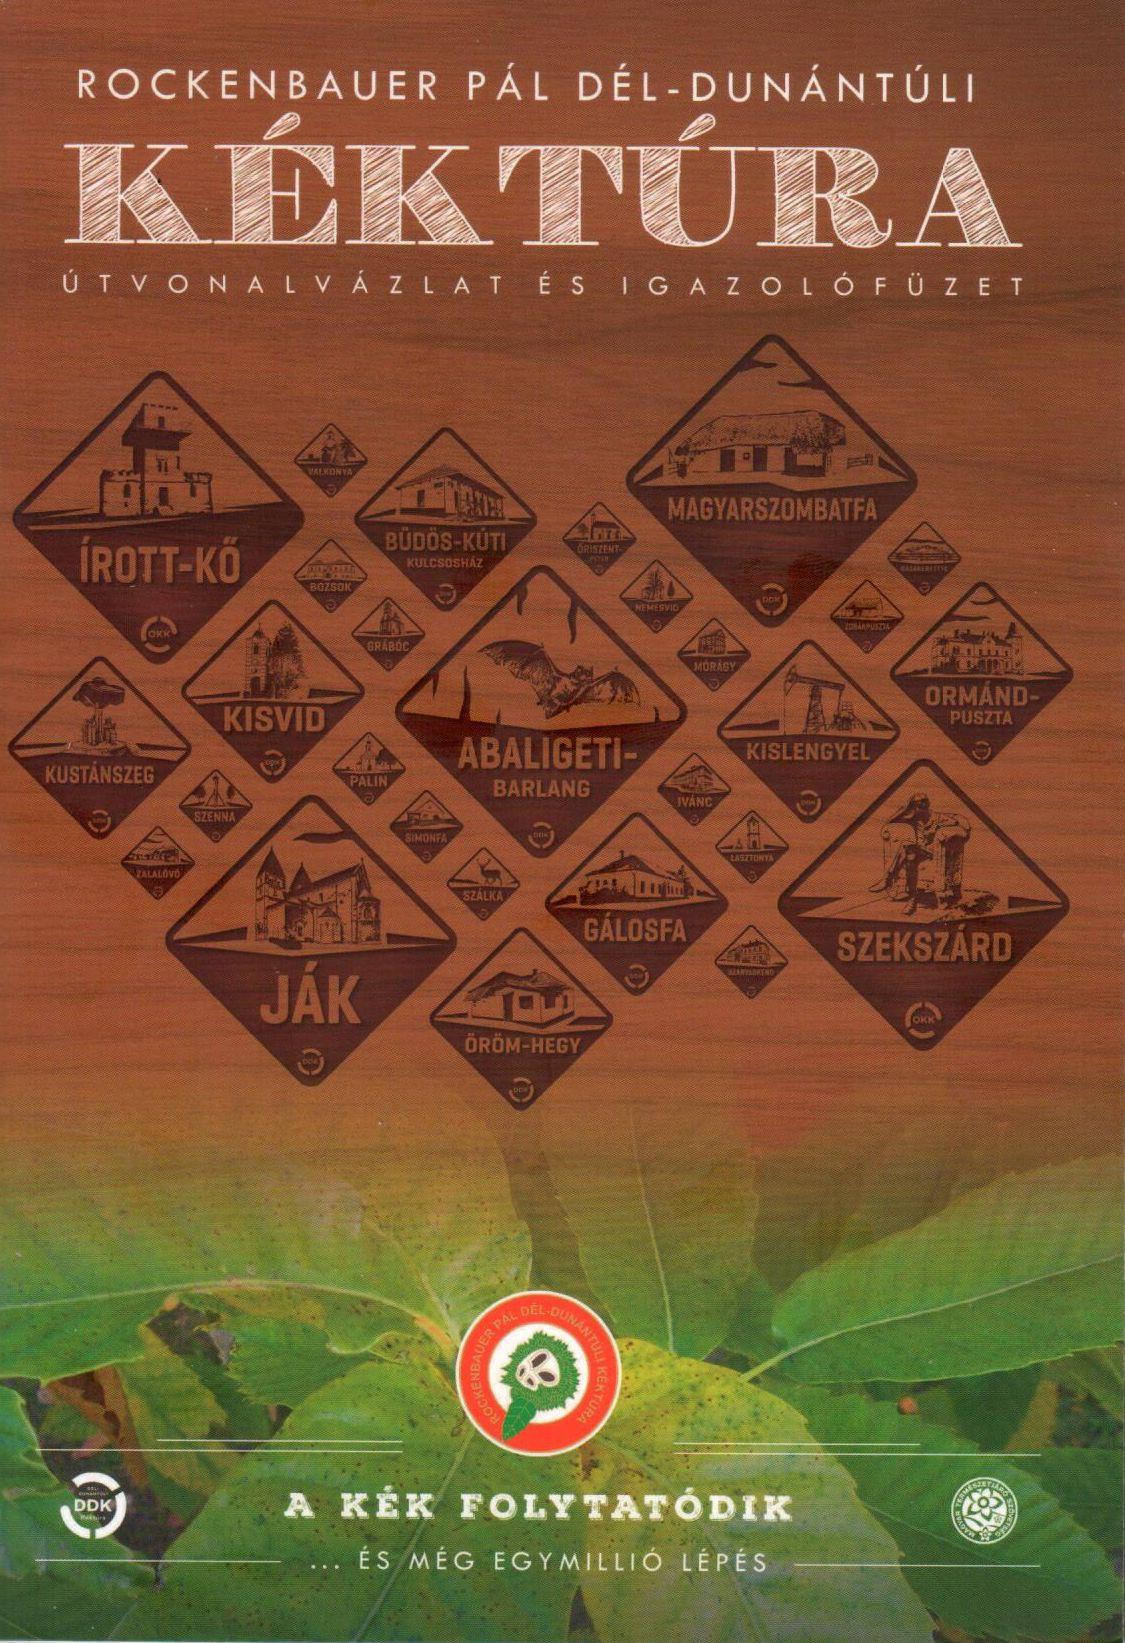 A Rockenbauer Pál Dél-Dunántúli Kéktúra térképes igazoló füzete